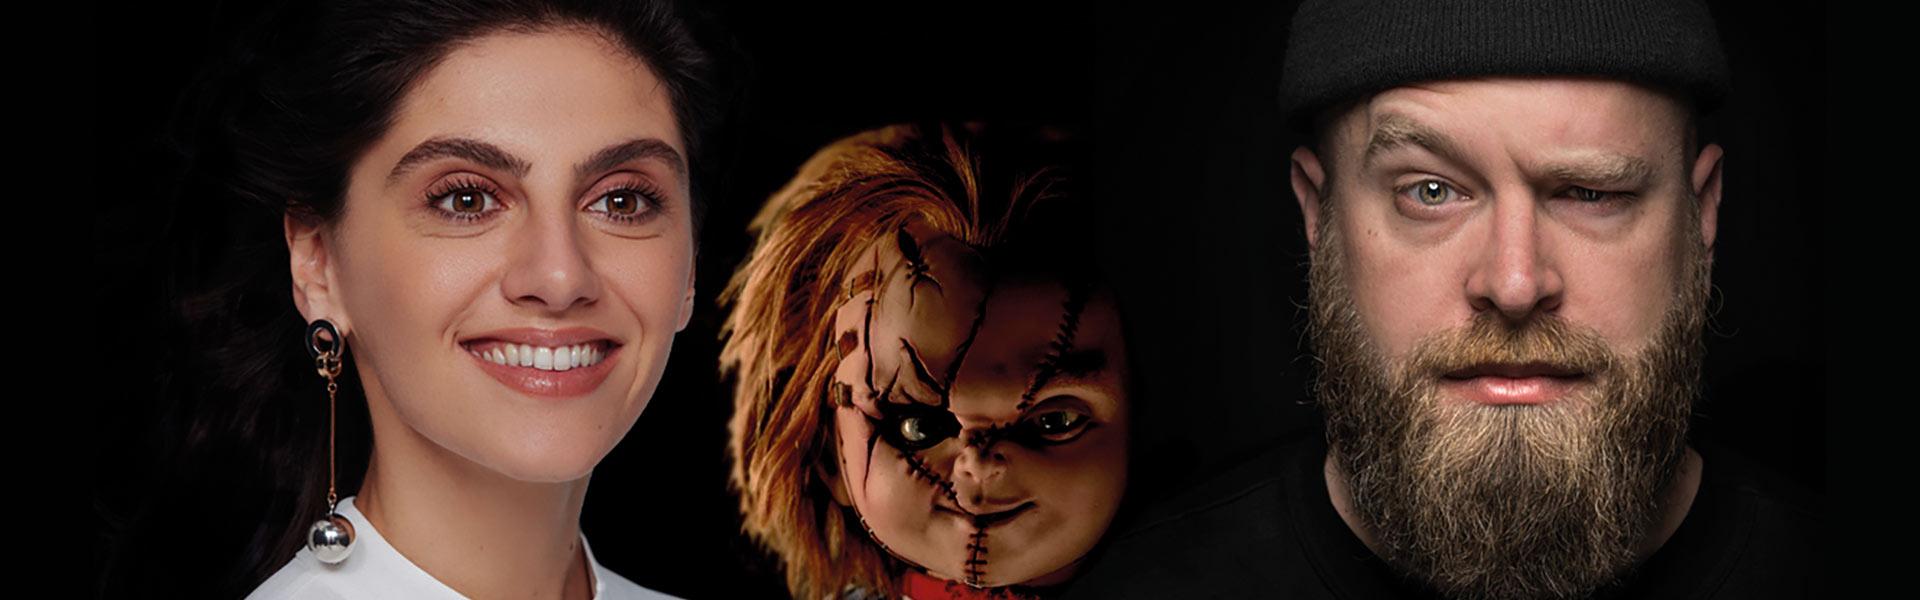 Rollman X Marguet X Chucky